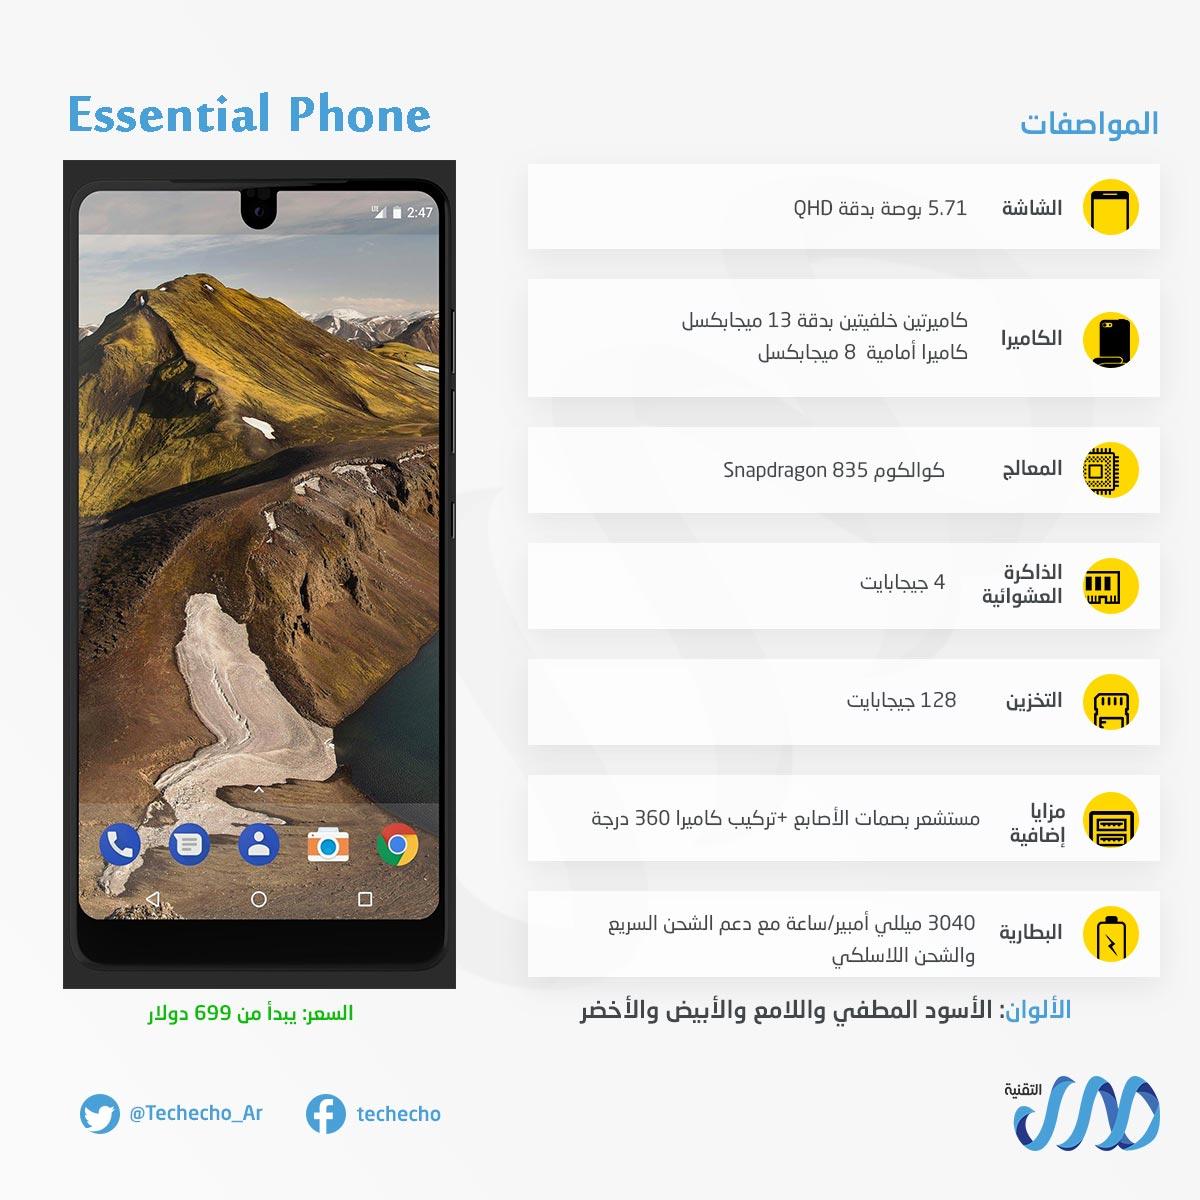 مواصفات Essential Phone